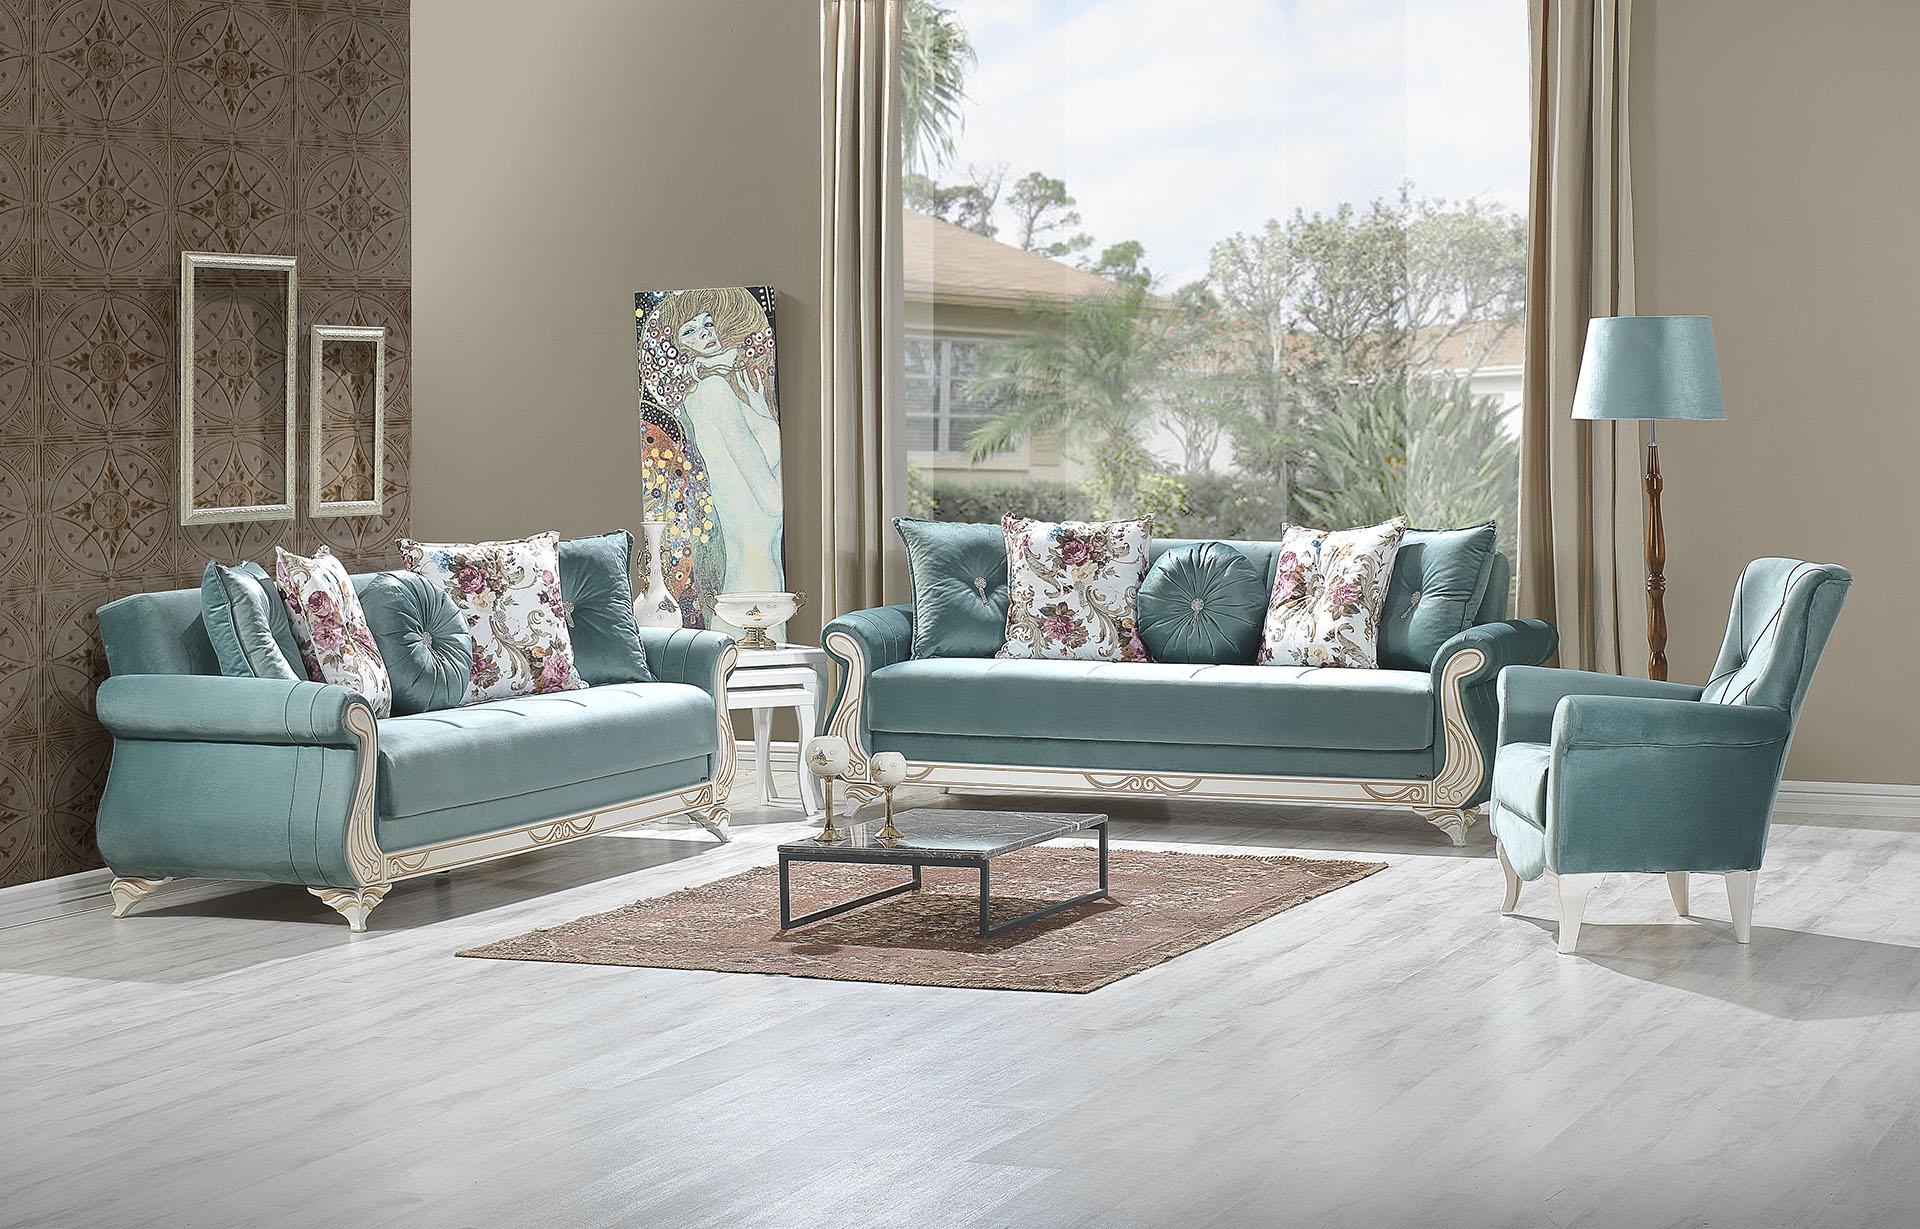 marina 3 3 1 sofa set yuvam m belhaus in wuppertal cilek offizieller h ndler in europa. Black Bedroom Furniture Sets. Home Design Ideas